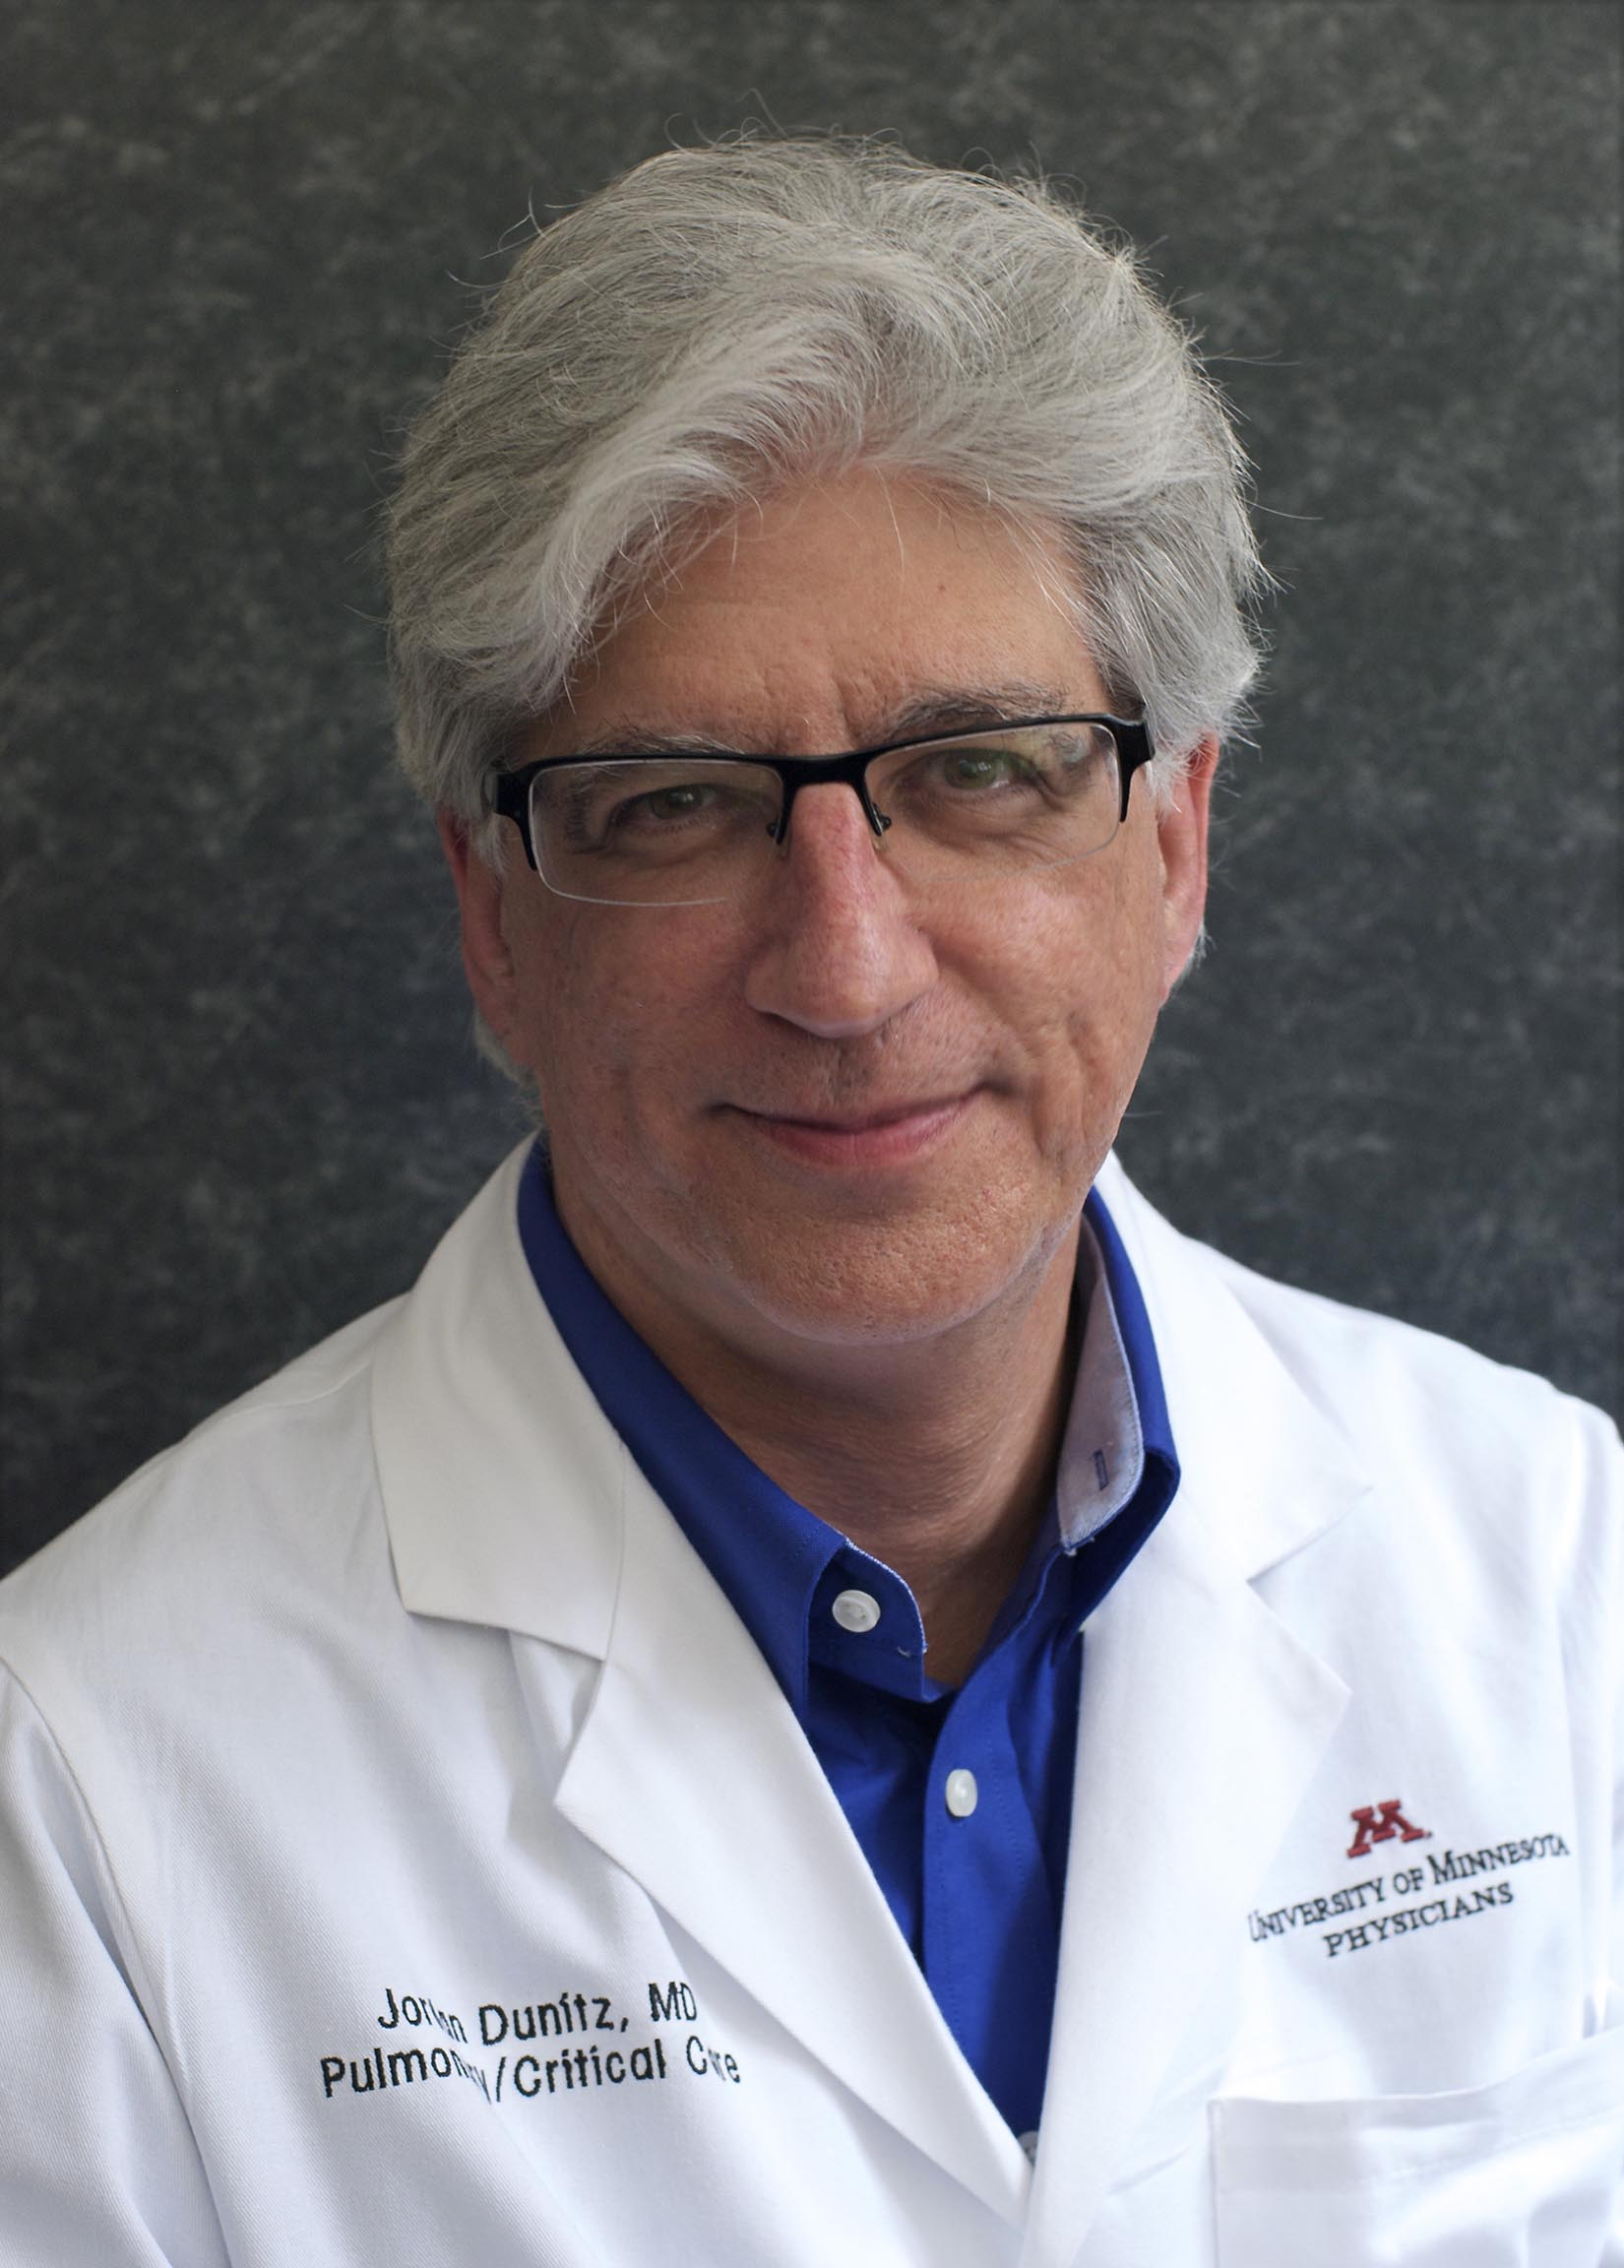 Jordan M. Dunitz, MD